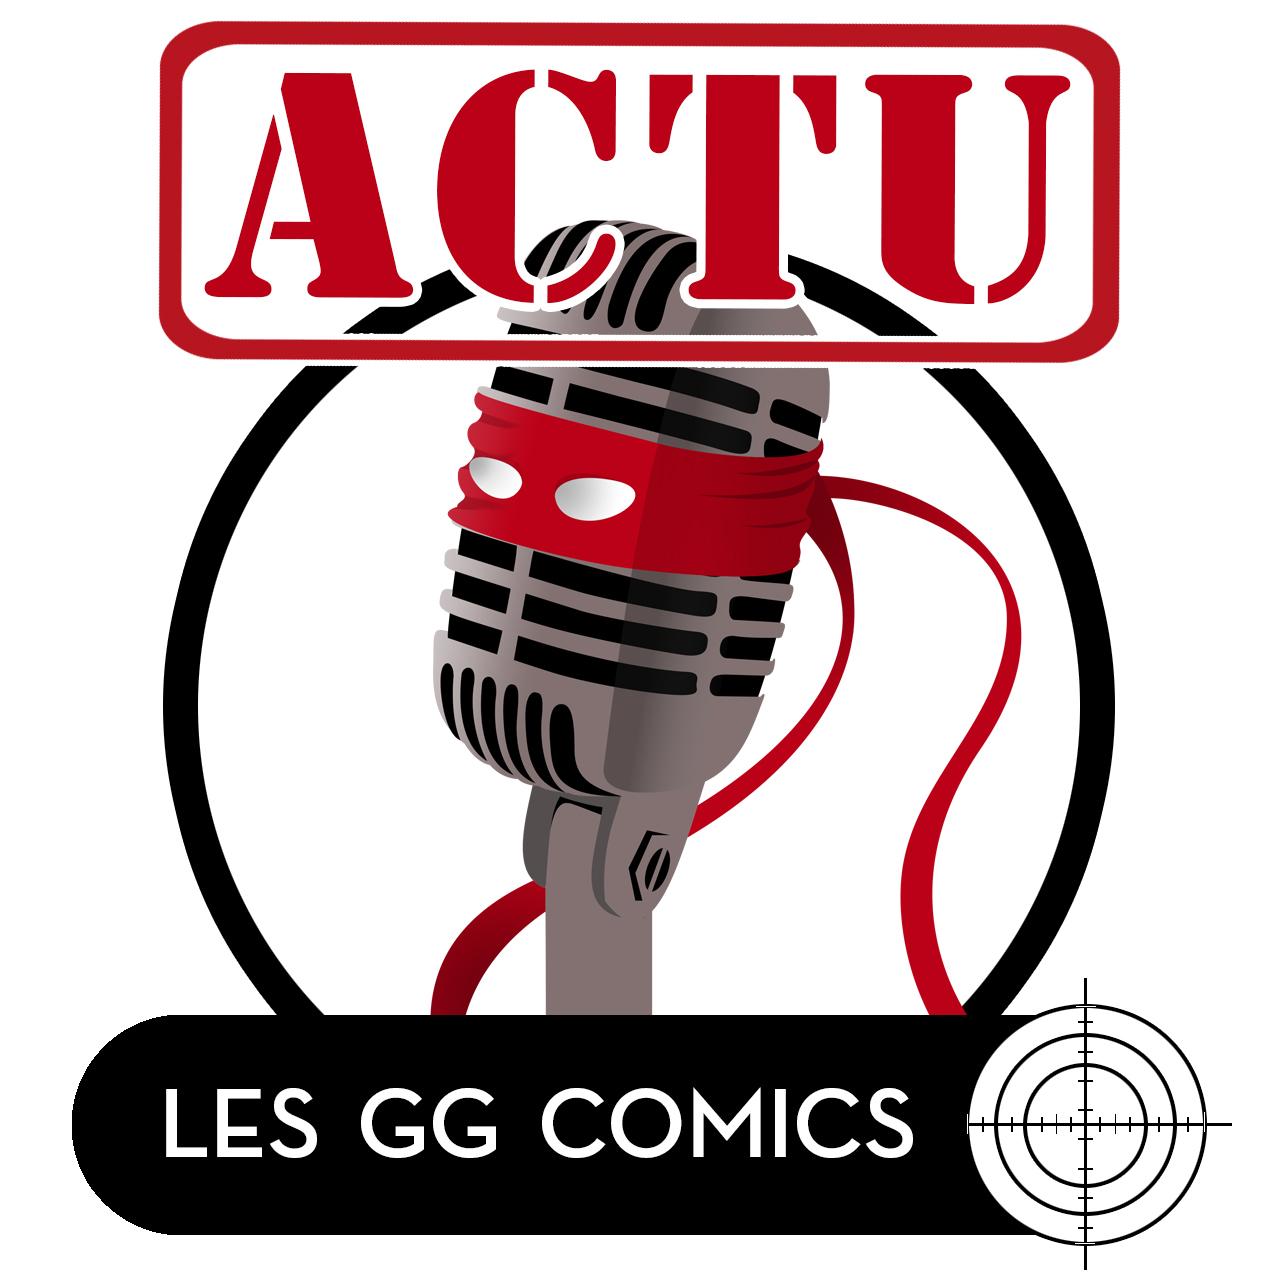 Les GG comics Actu #2 : Marvel à toutes les sauces !